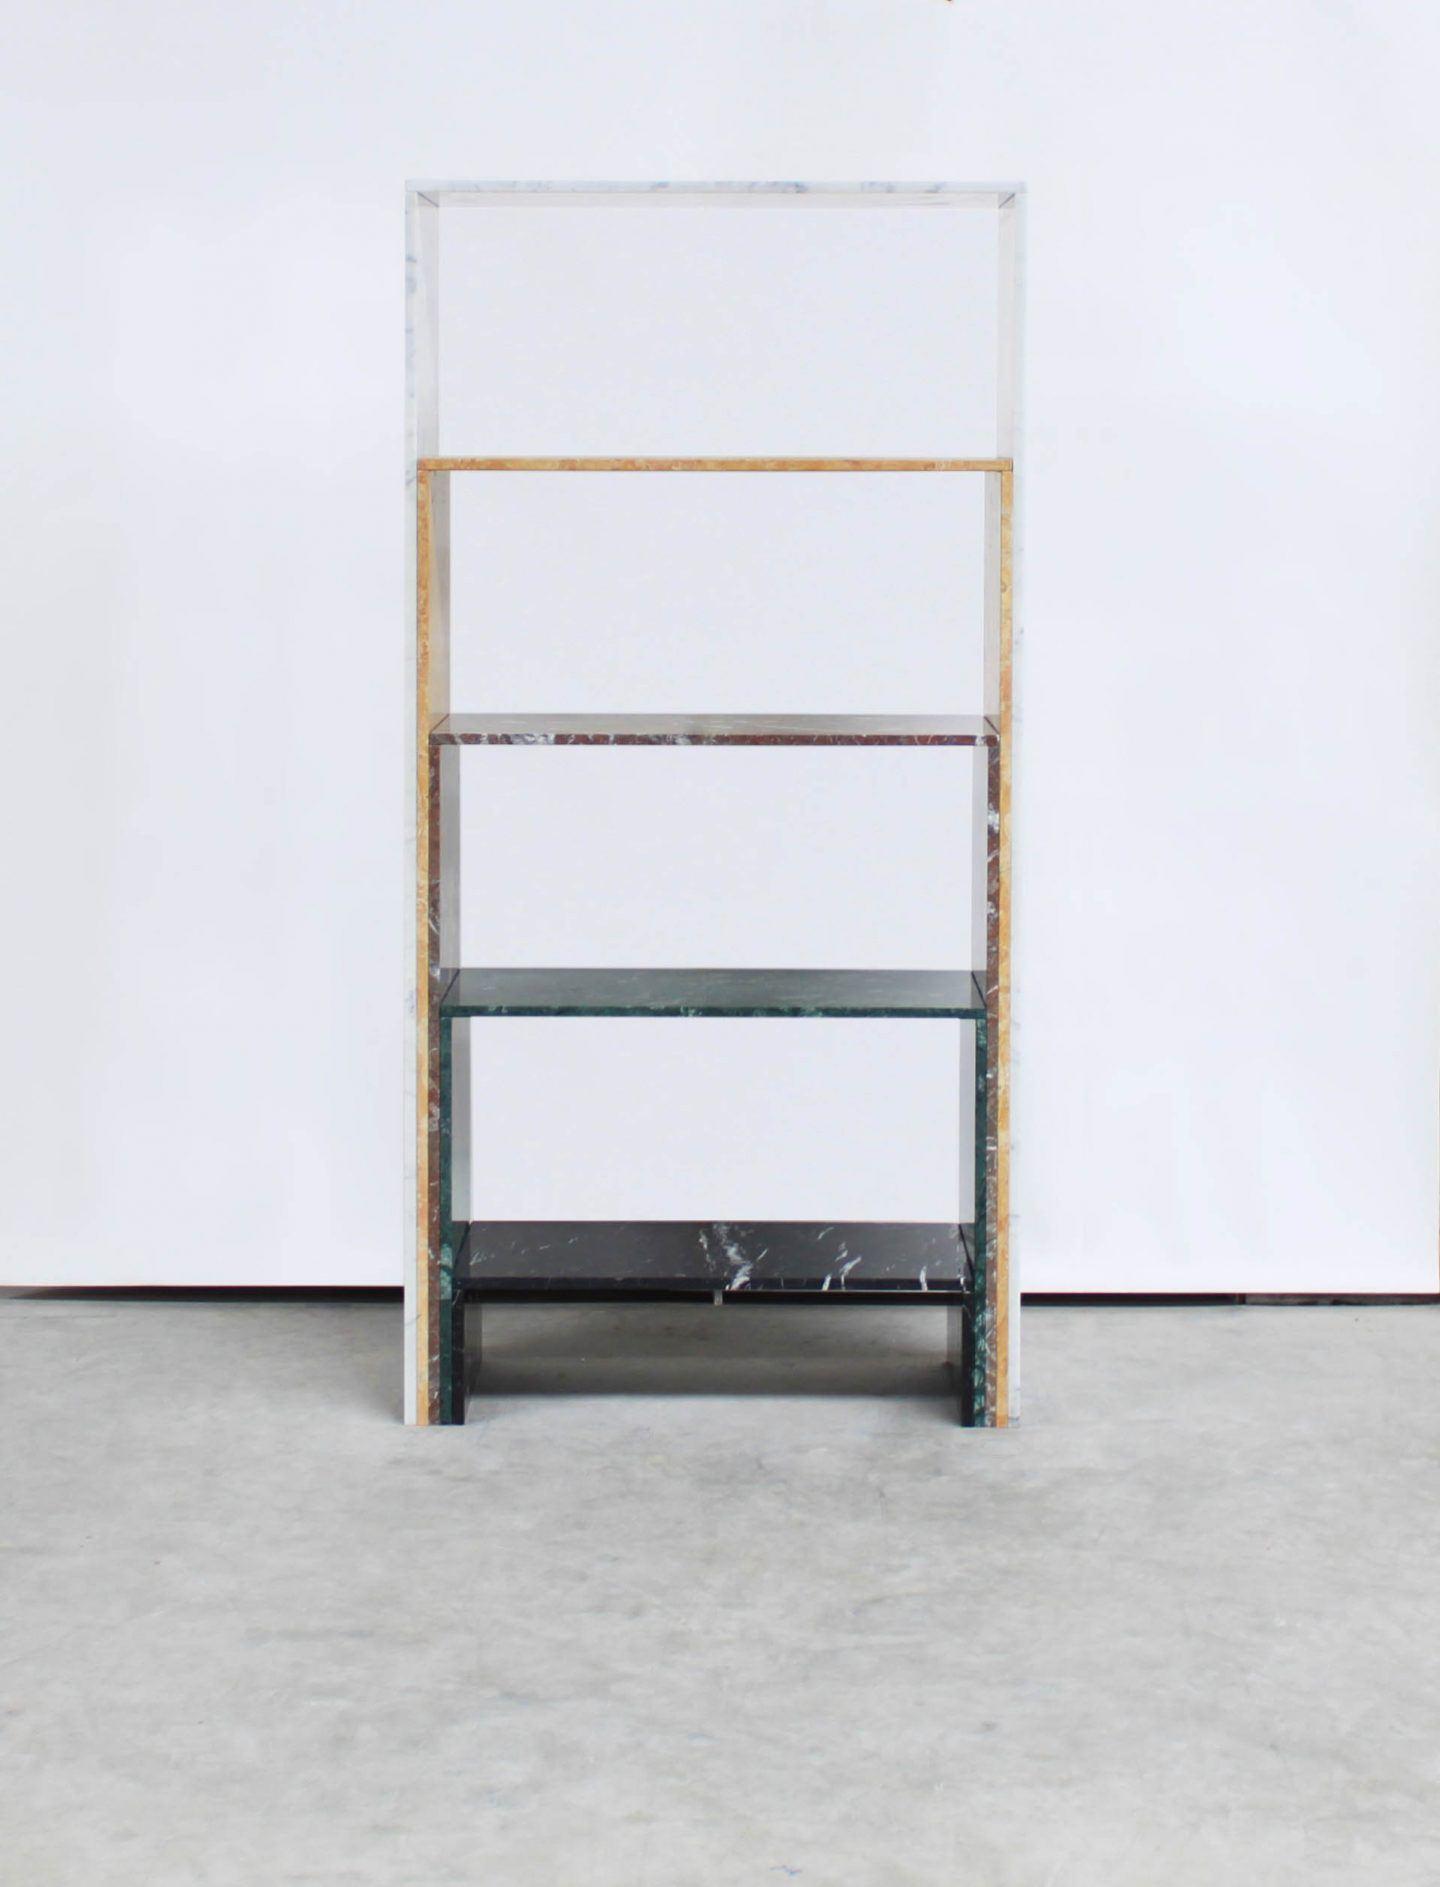 IGNANT-Design-Lex-Pott-08